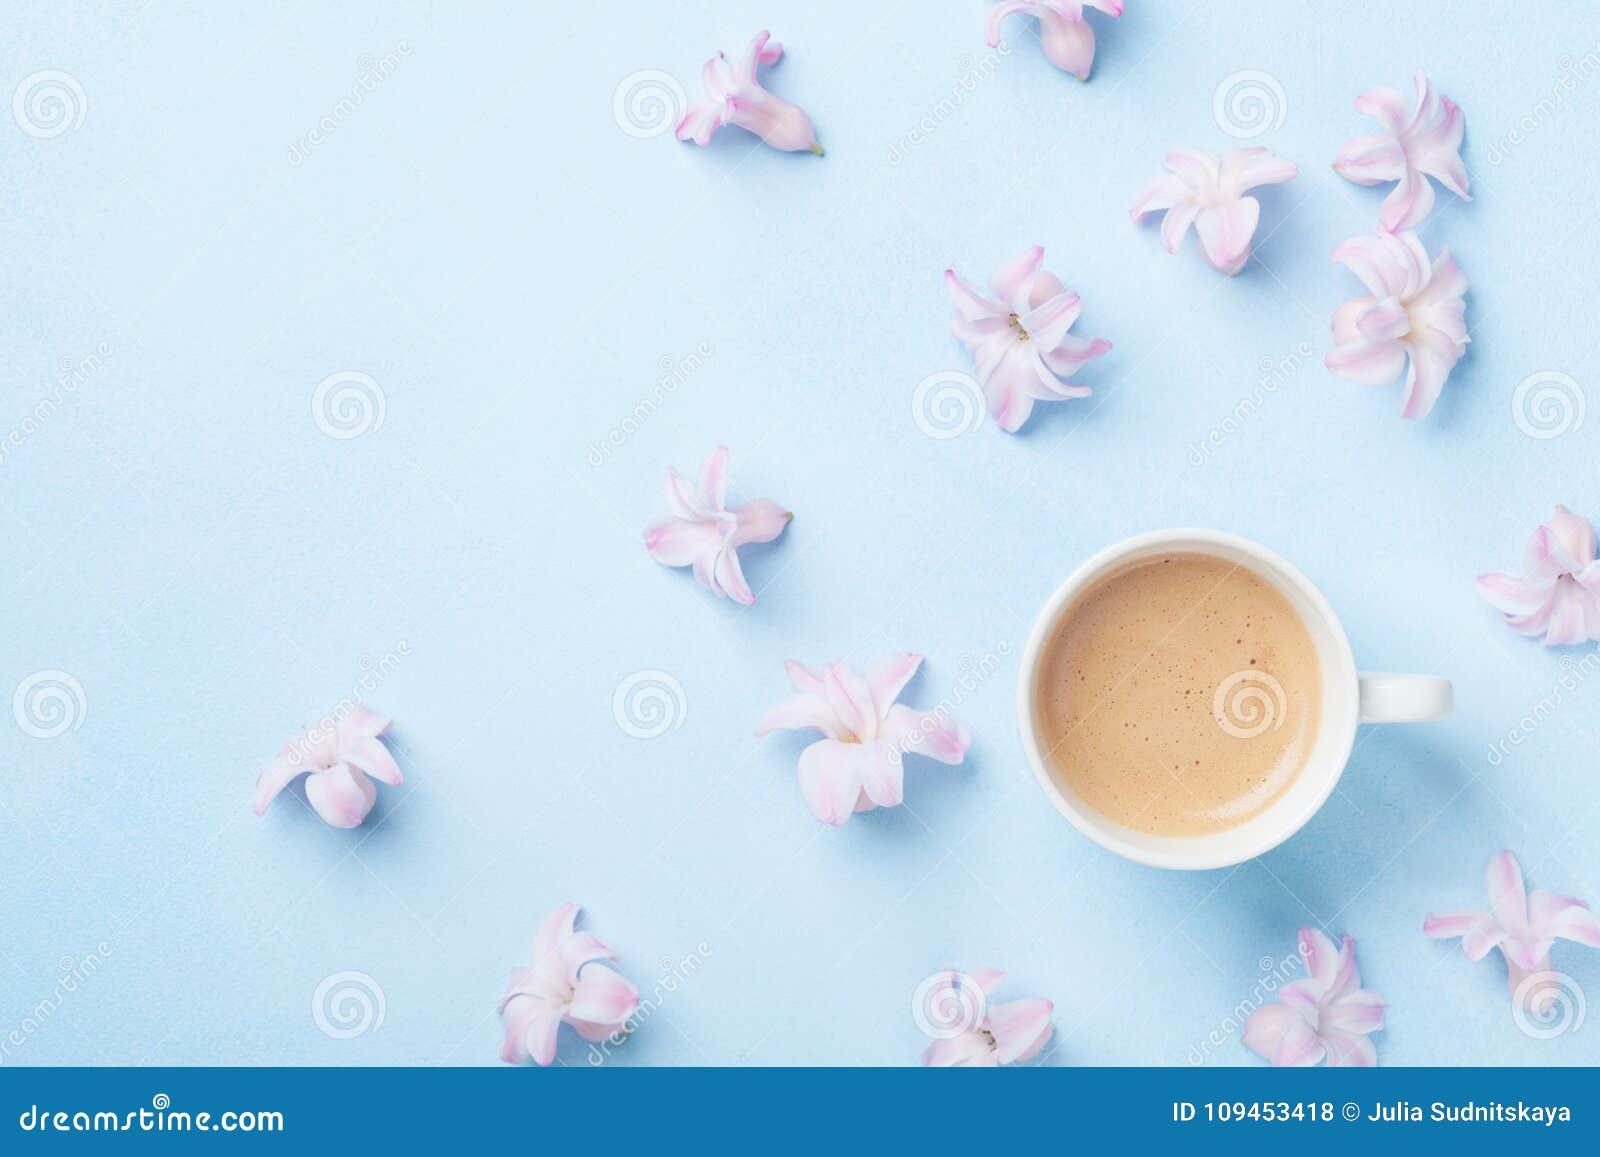 Creatieve samenstelling met ochtendkoffie en roze bloemen op blauwe pastelkleur hoogste mening als achtergrond vlak leg stijl